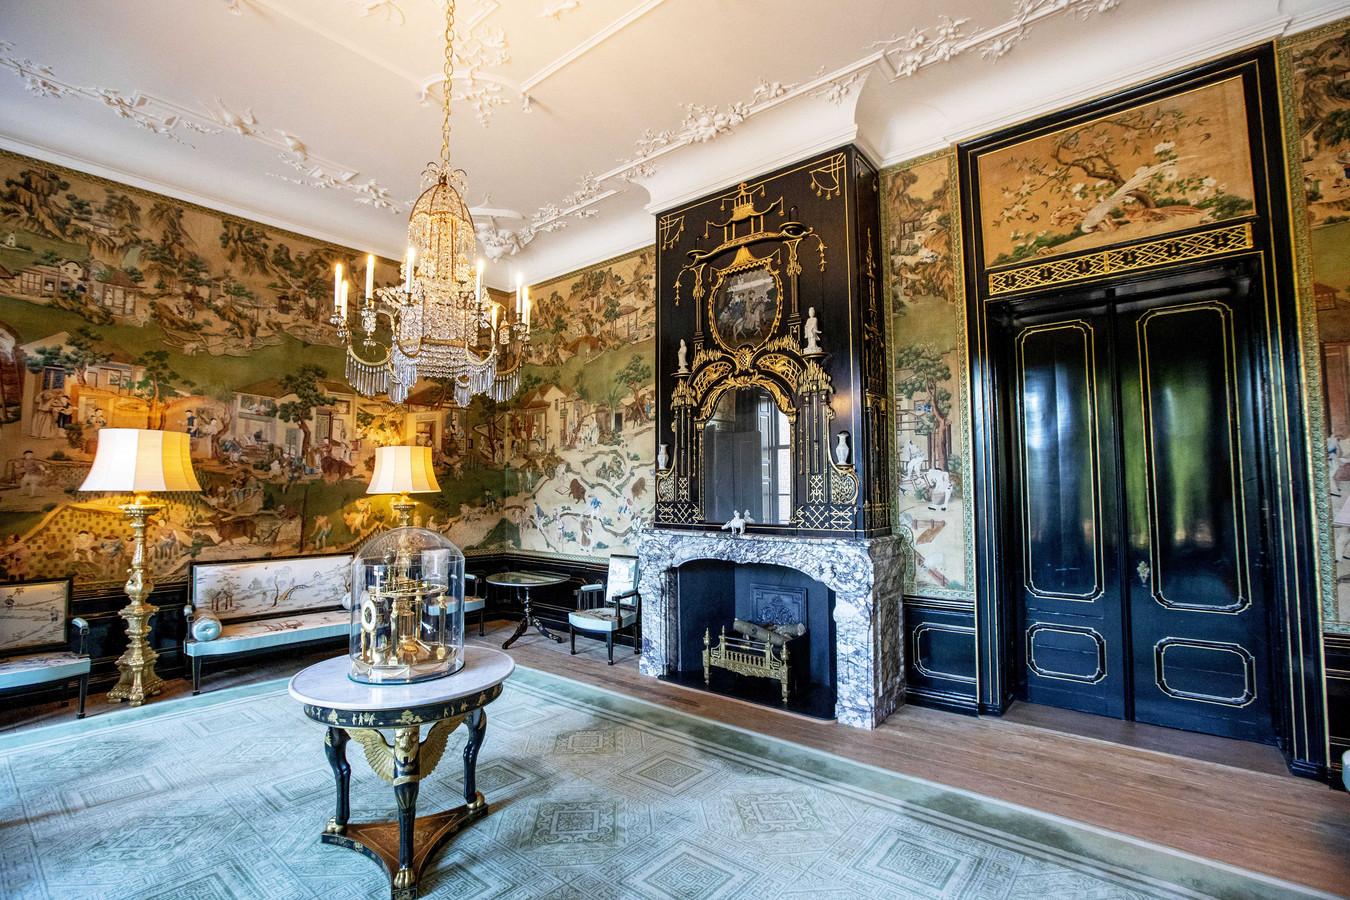 De Chinese zaal in paleis Huis ten Bosch.